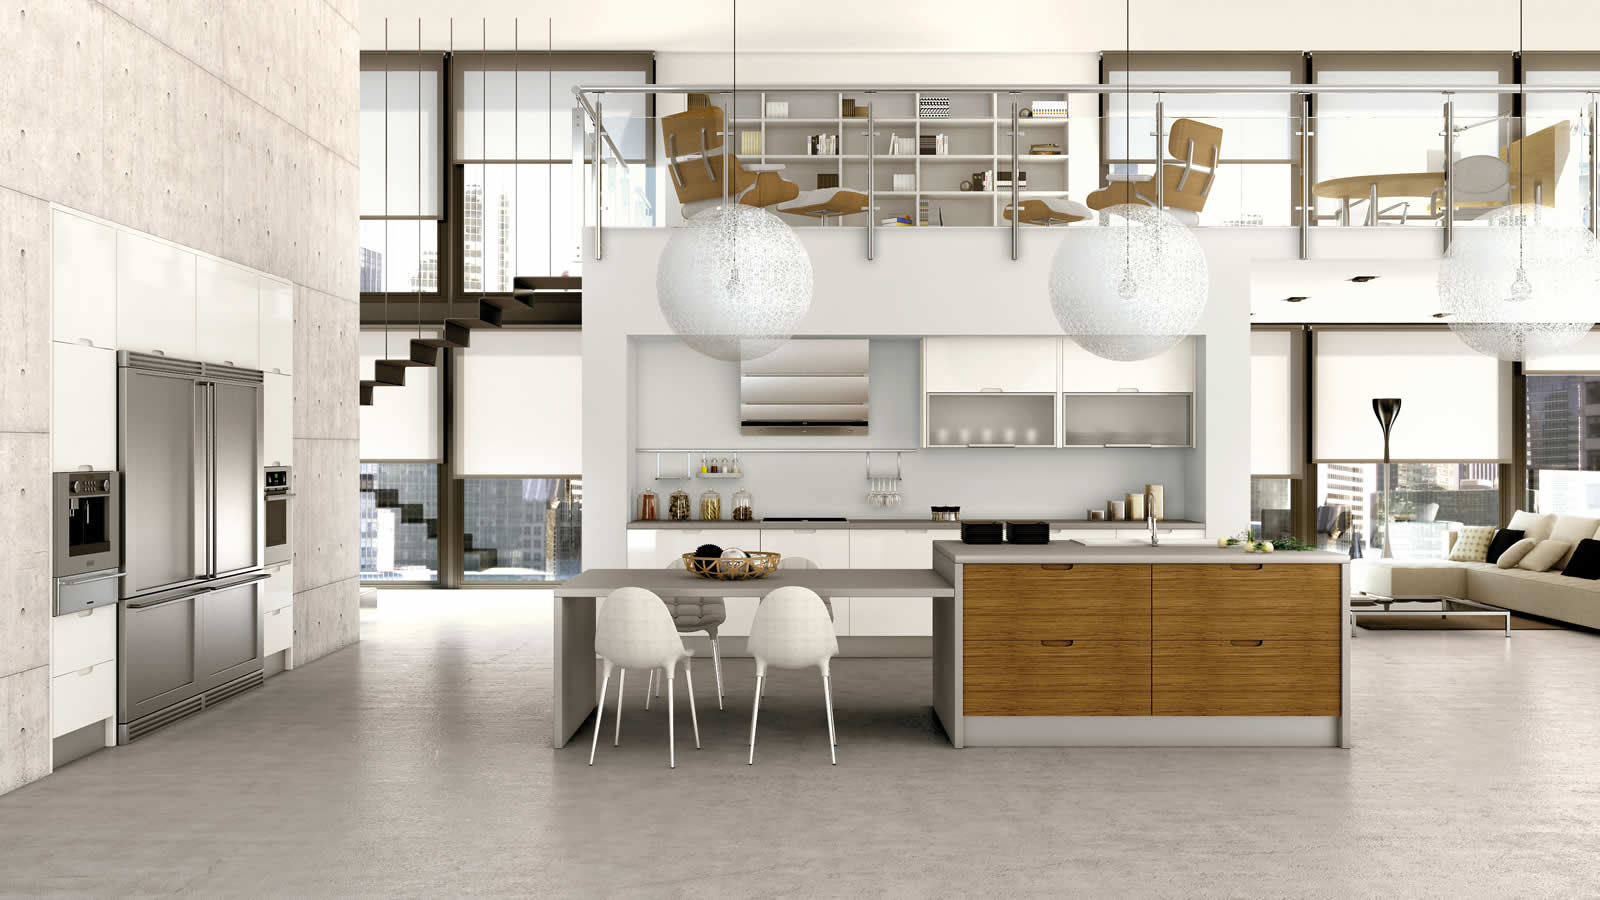 Muebles de cocina en lacado blanco y madera for Cocina blanca y madera moderna